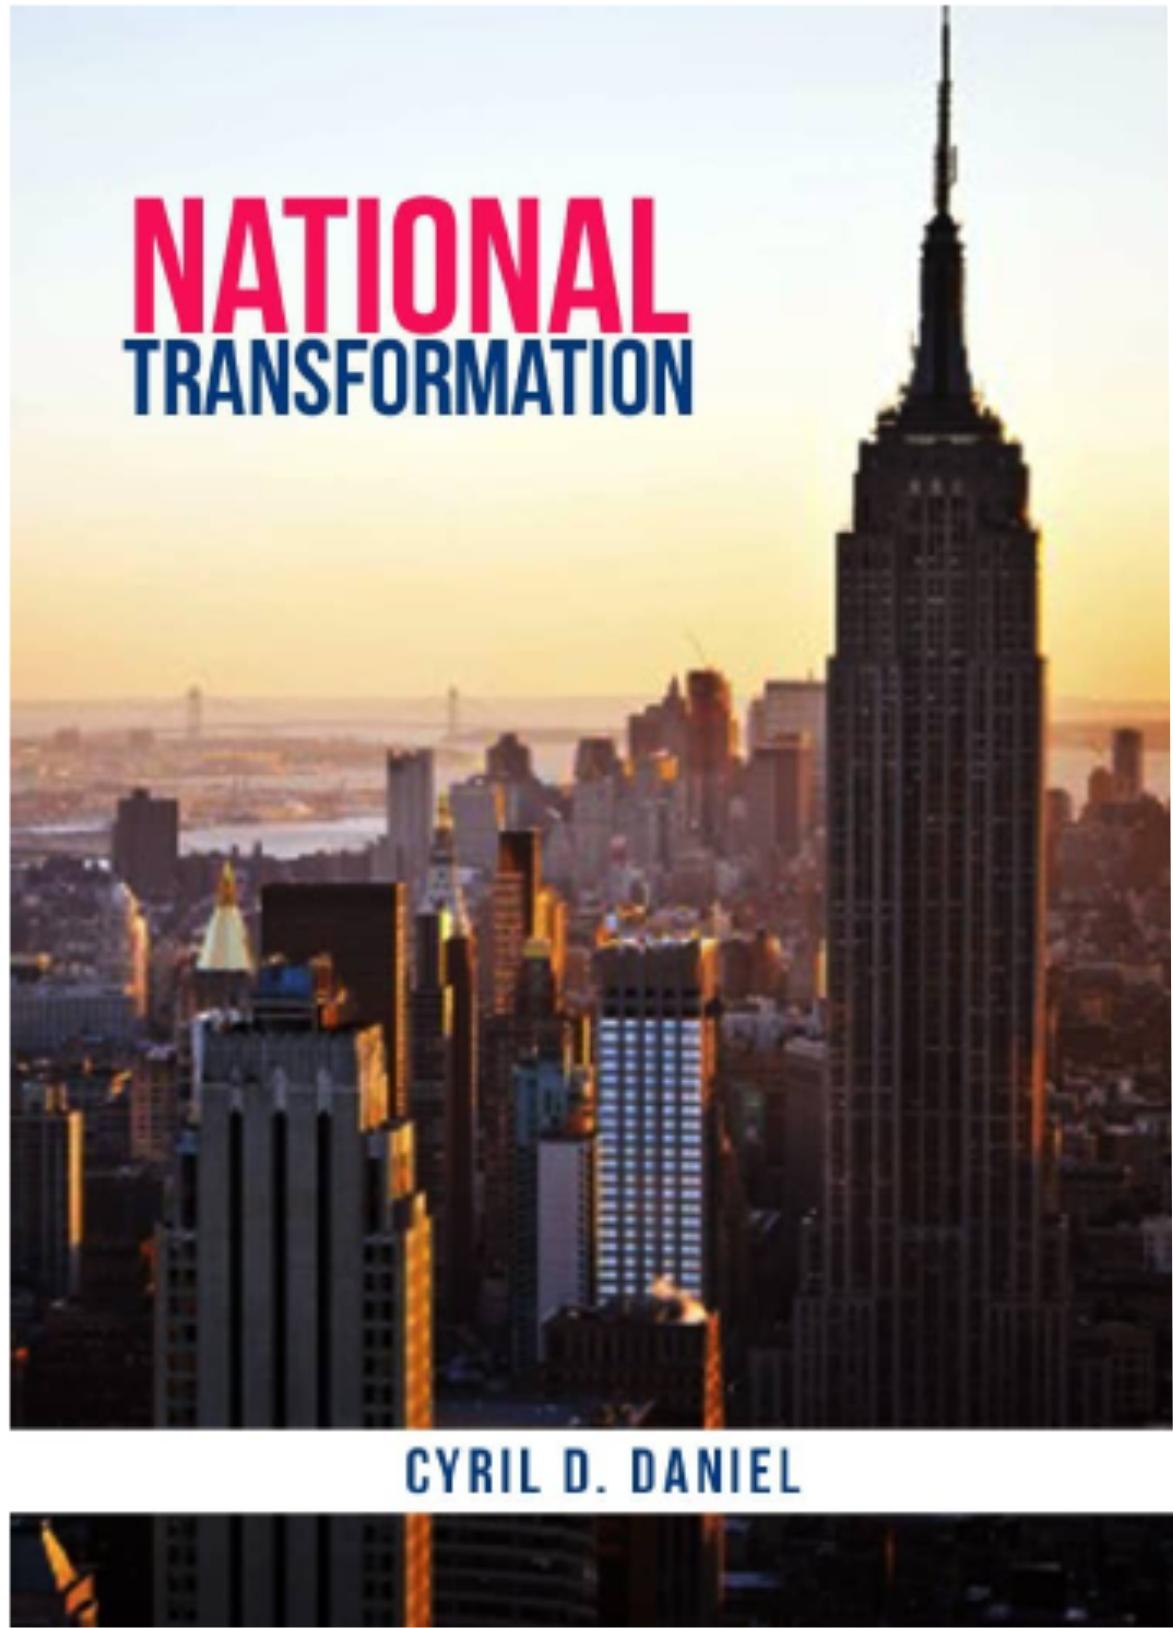 National Transformation By Cyril Daniel